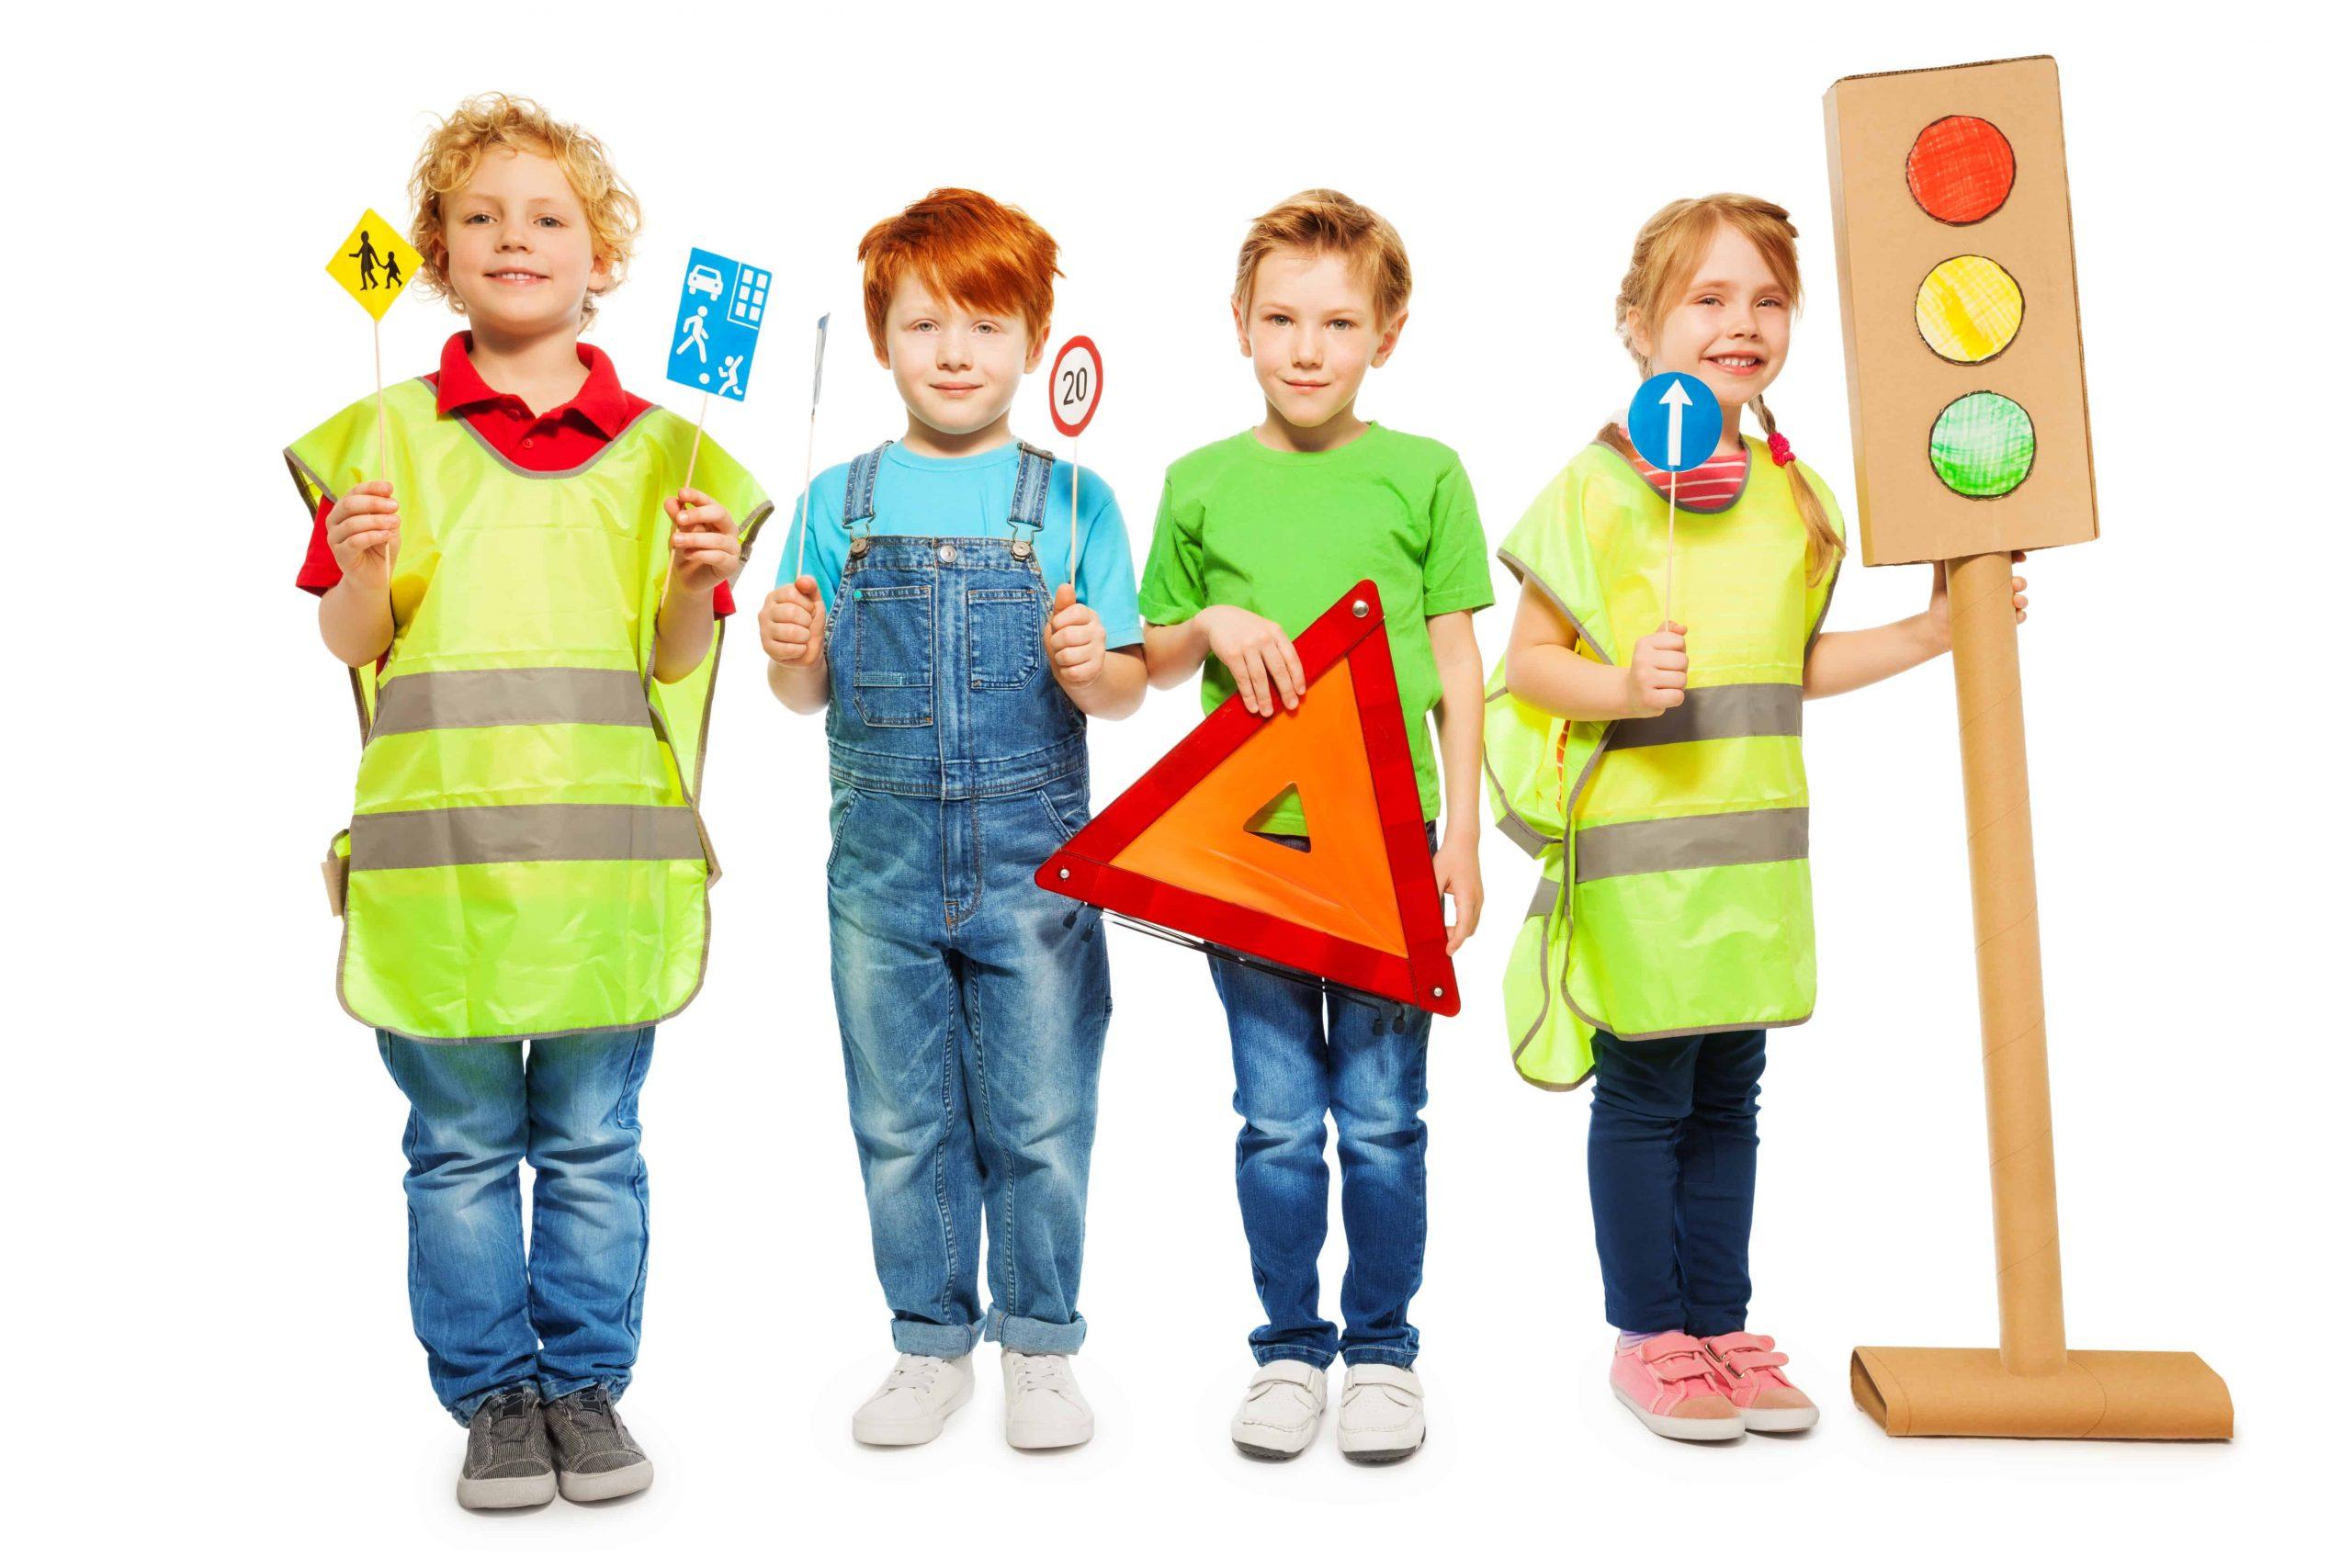 Kinderwarnweste: Test & Empfehlungen (08/20)